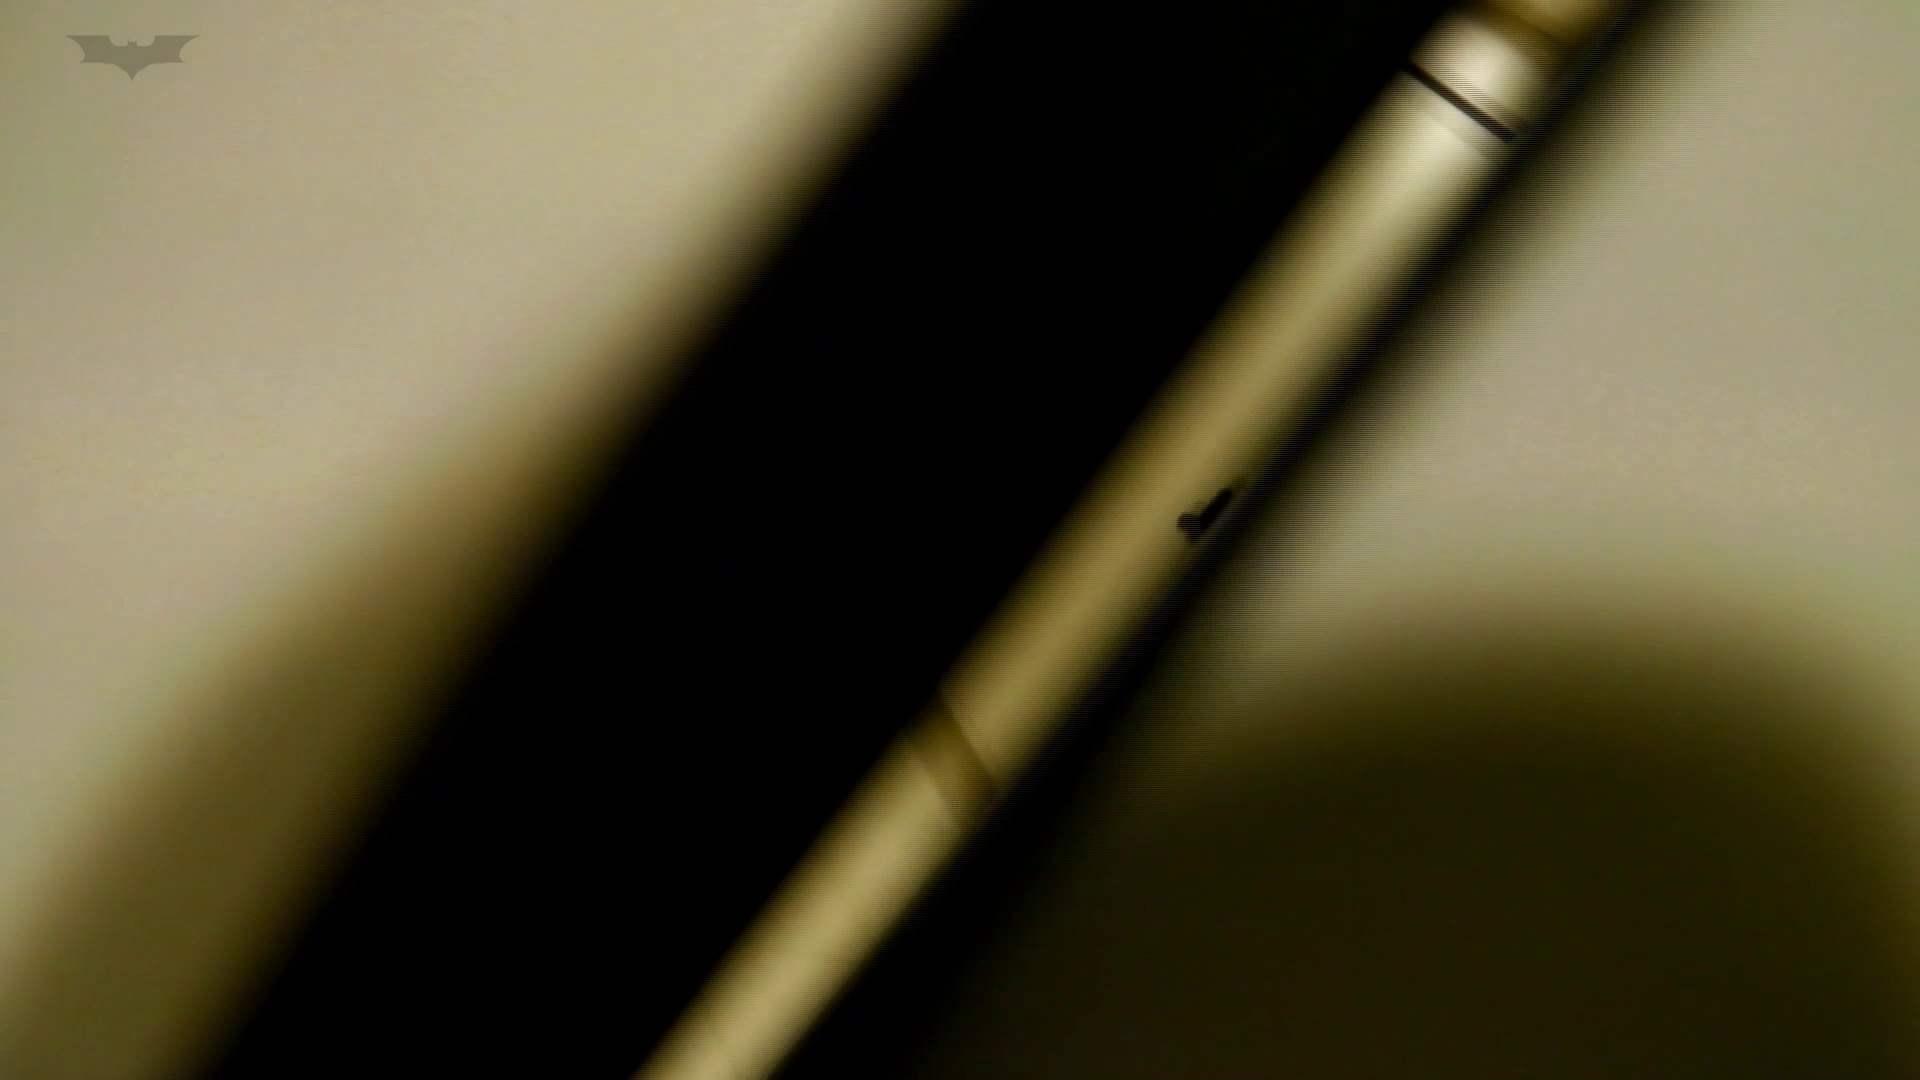 新世界の射窓 No76 久しぶりに見るとやっぱりいい 洗面所  70pic 44